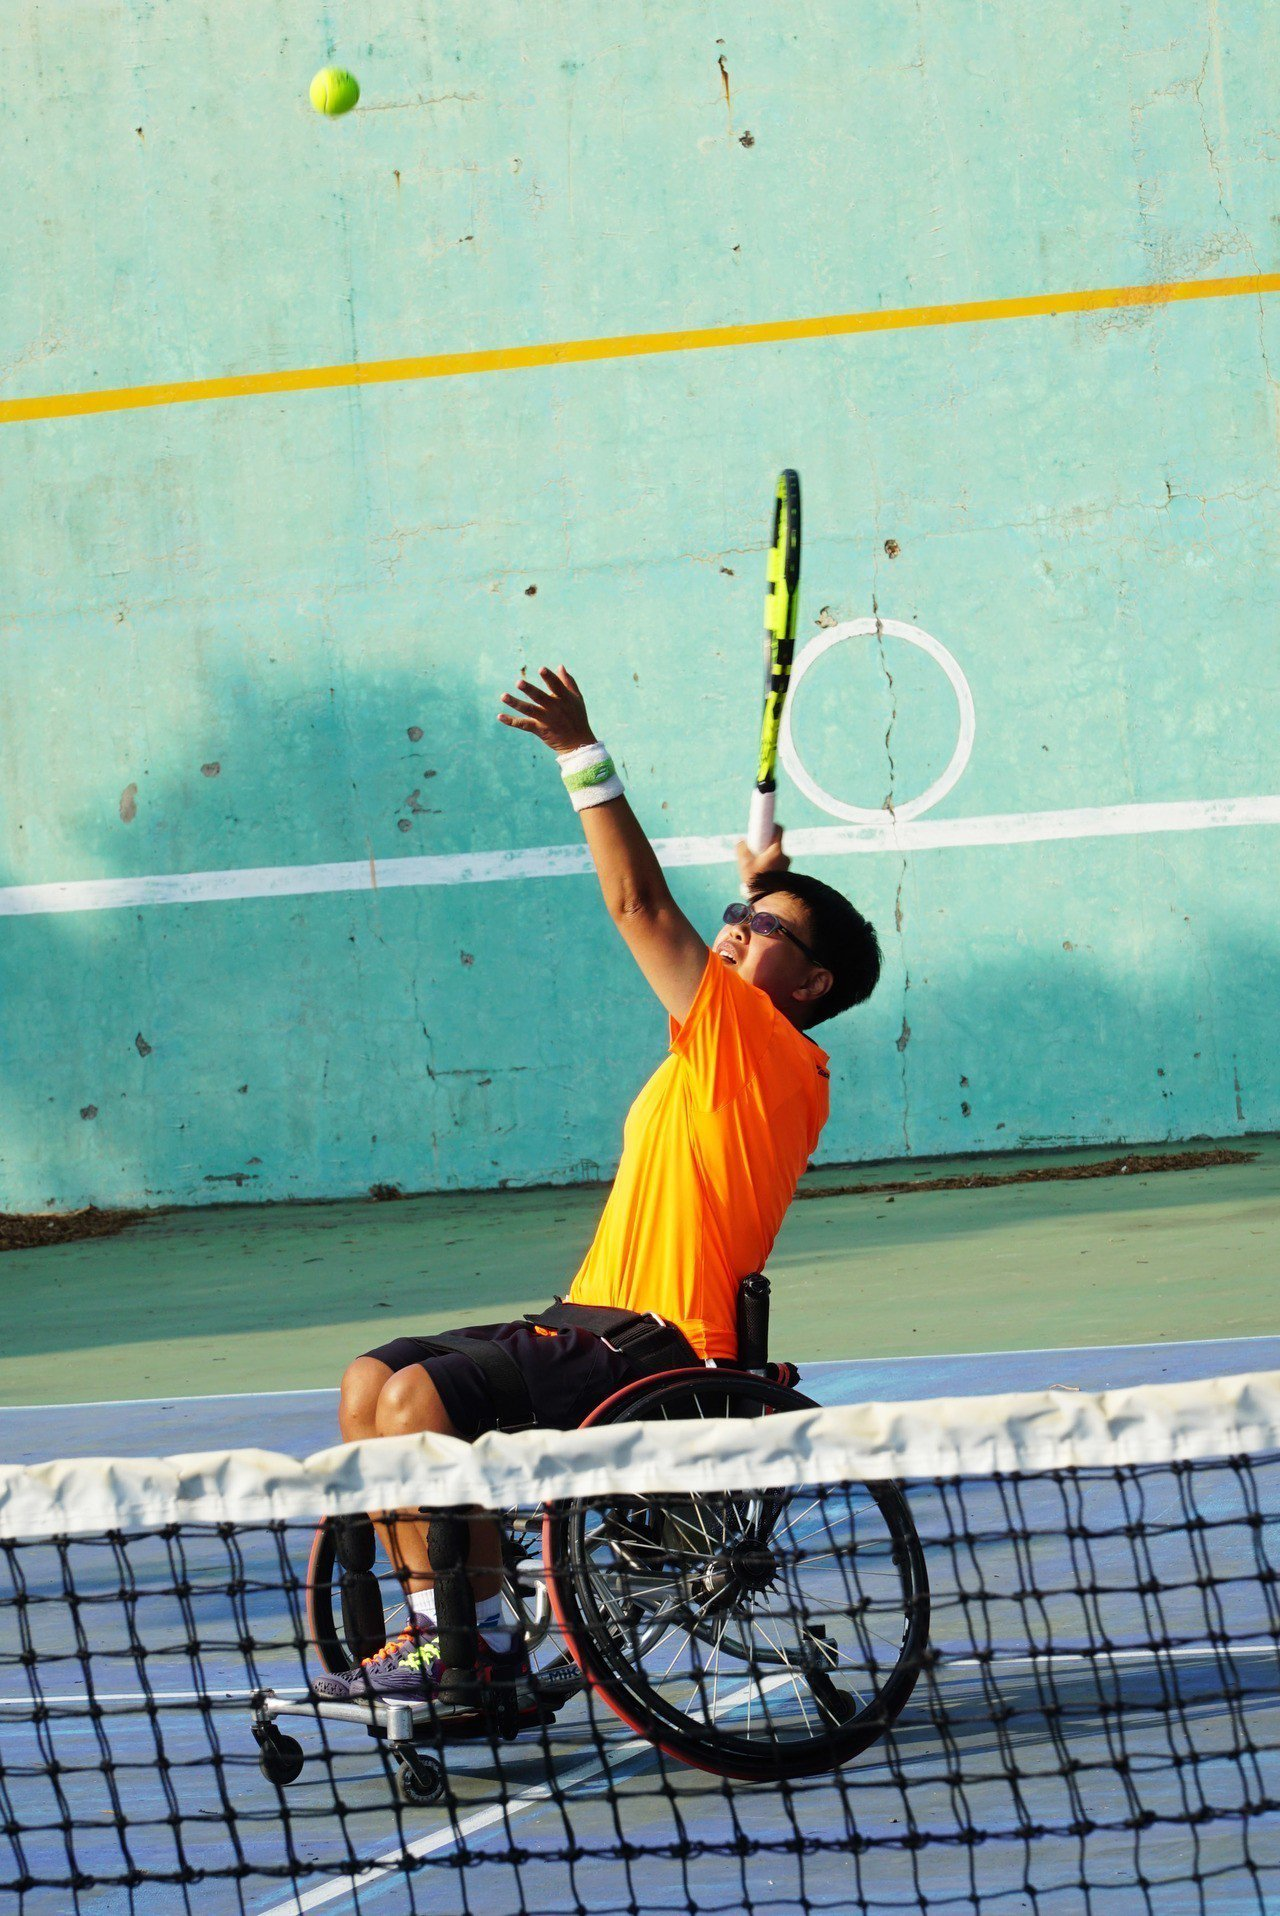 曾獲大專盃網球冠軍的黃楚茵因車禍受傷,一度網球夢碎,九年來在教練賴永僚有計畫培訓...